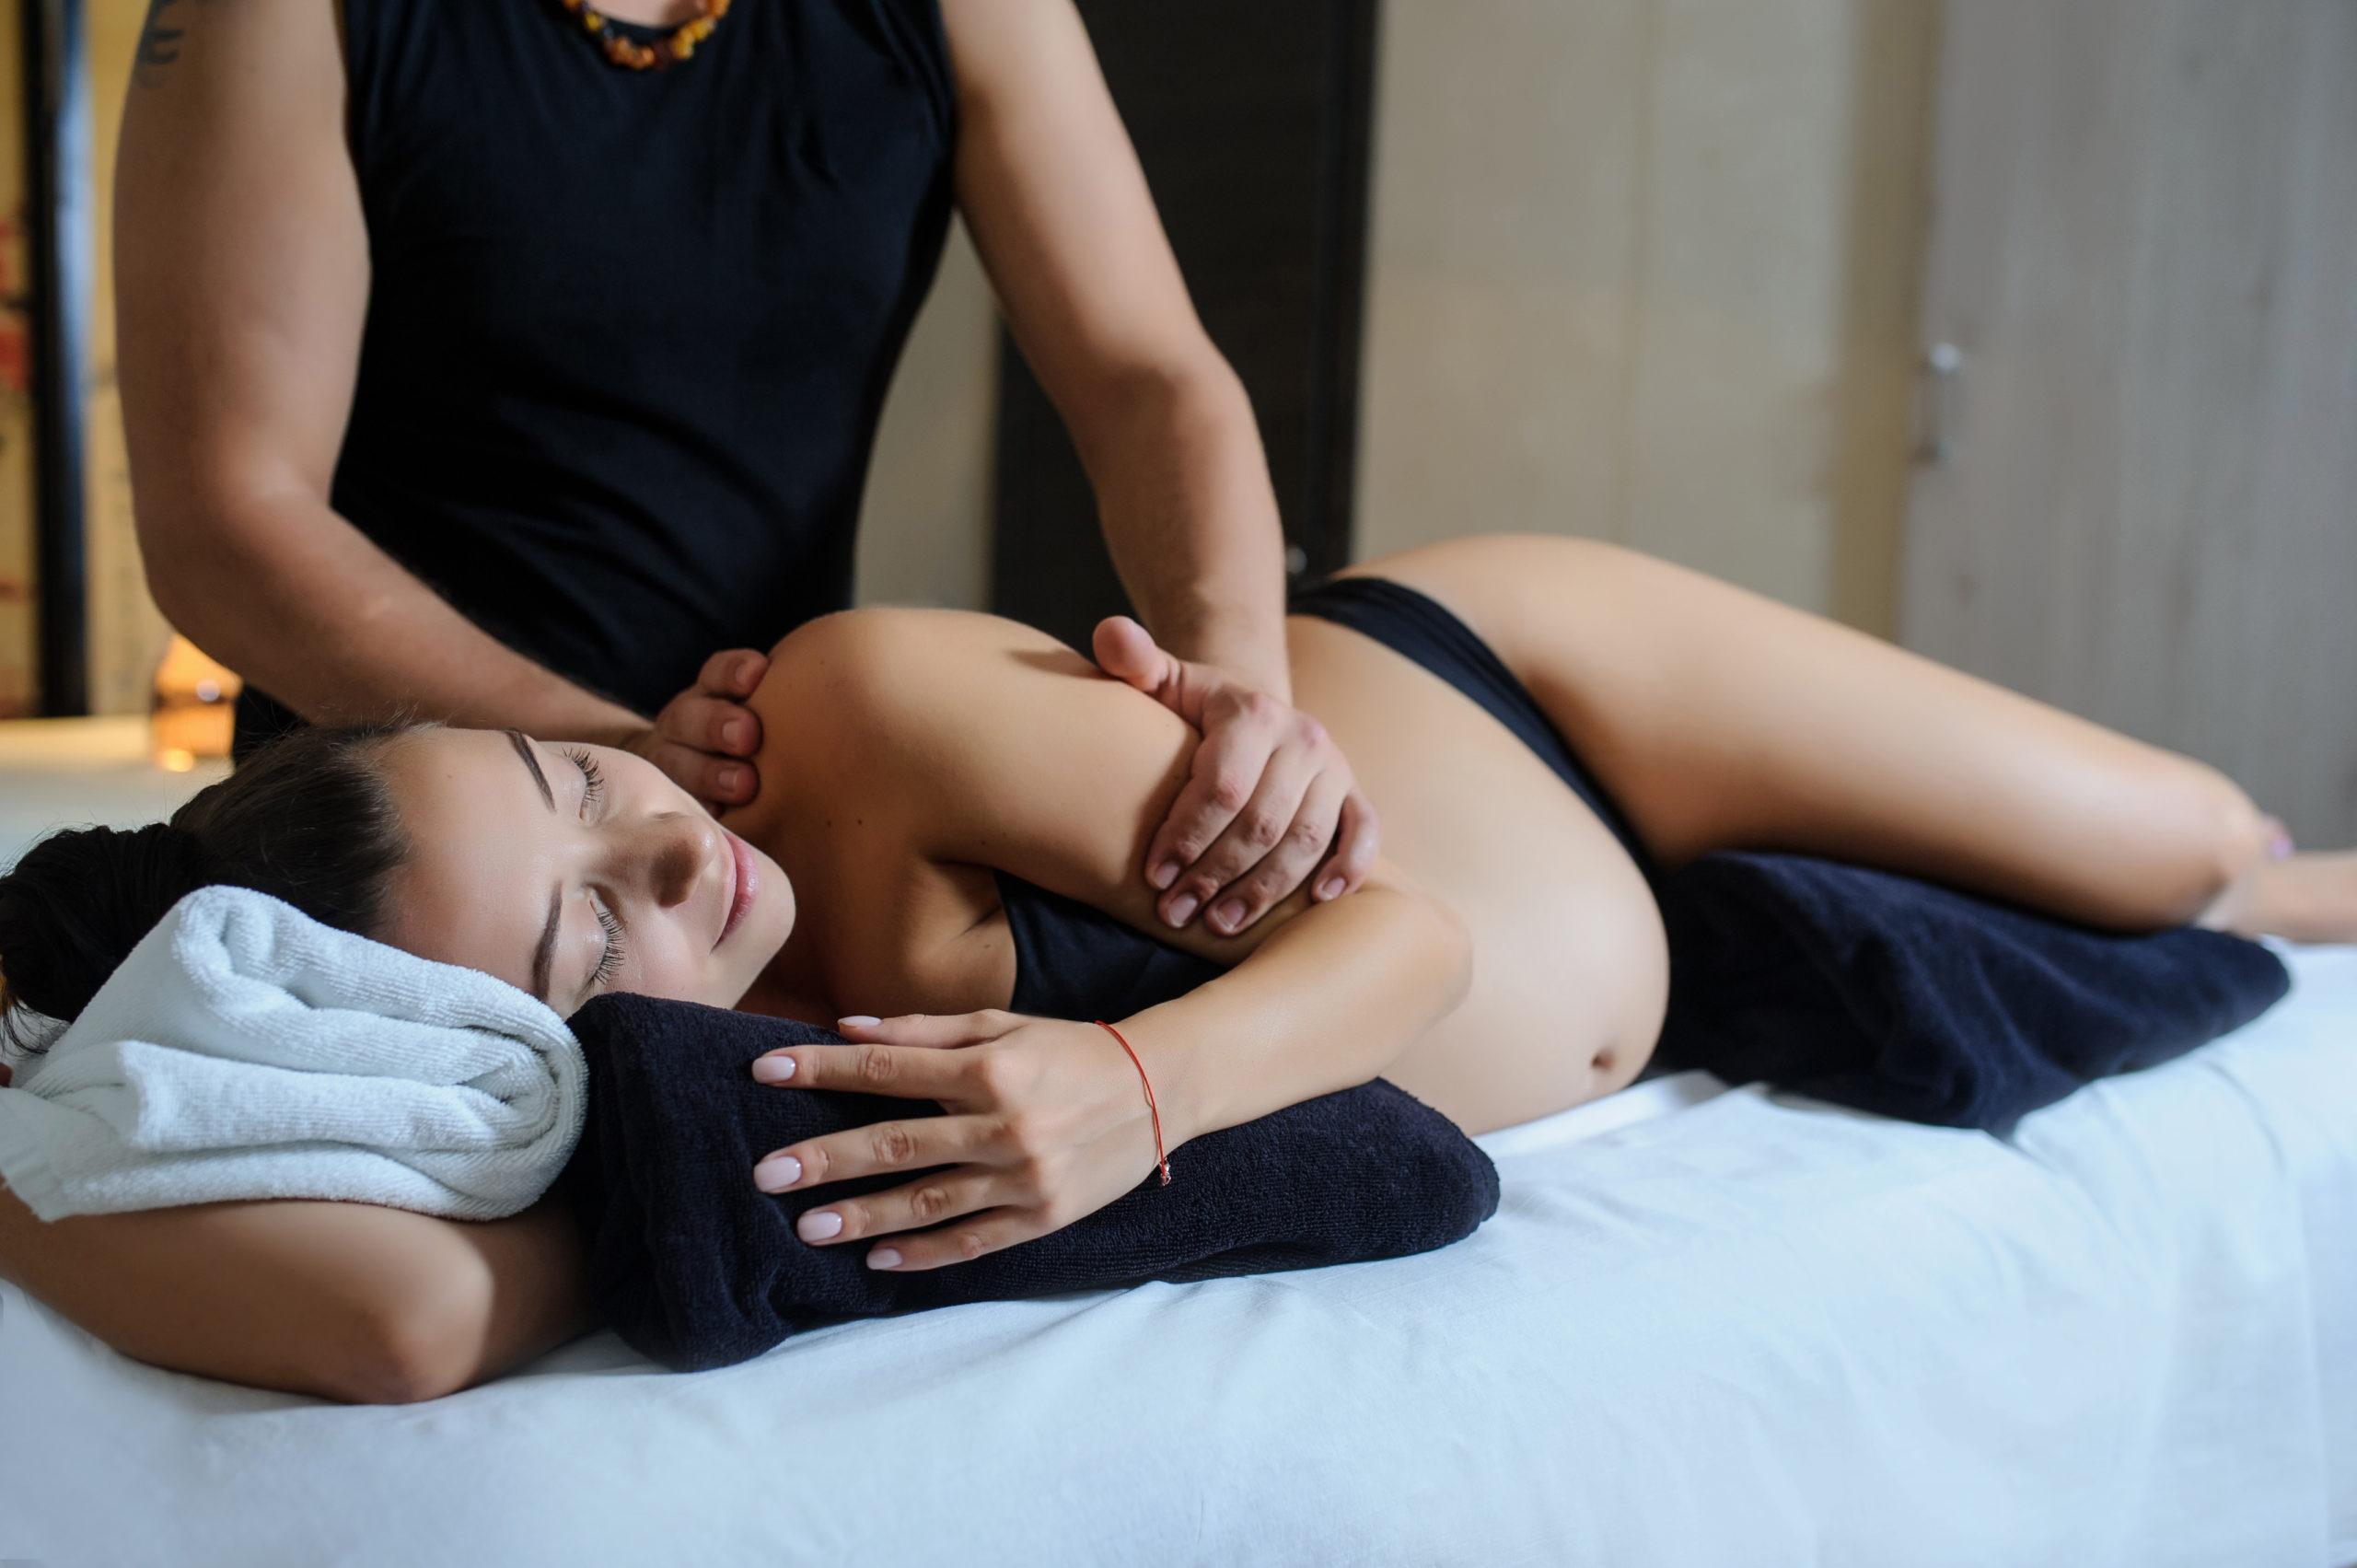 une femme enceinte se fait masser pour être détendue